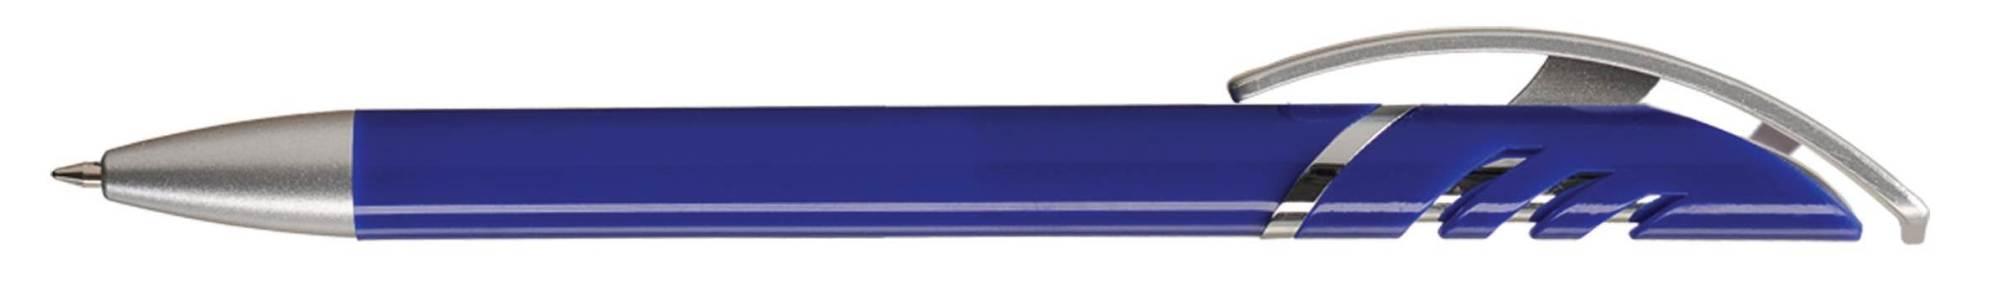 Długopis reklamowy plastikowy – Starco